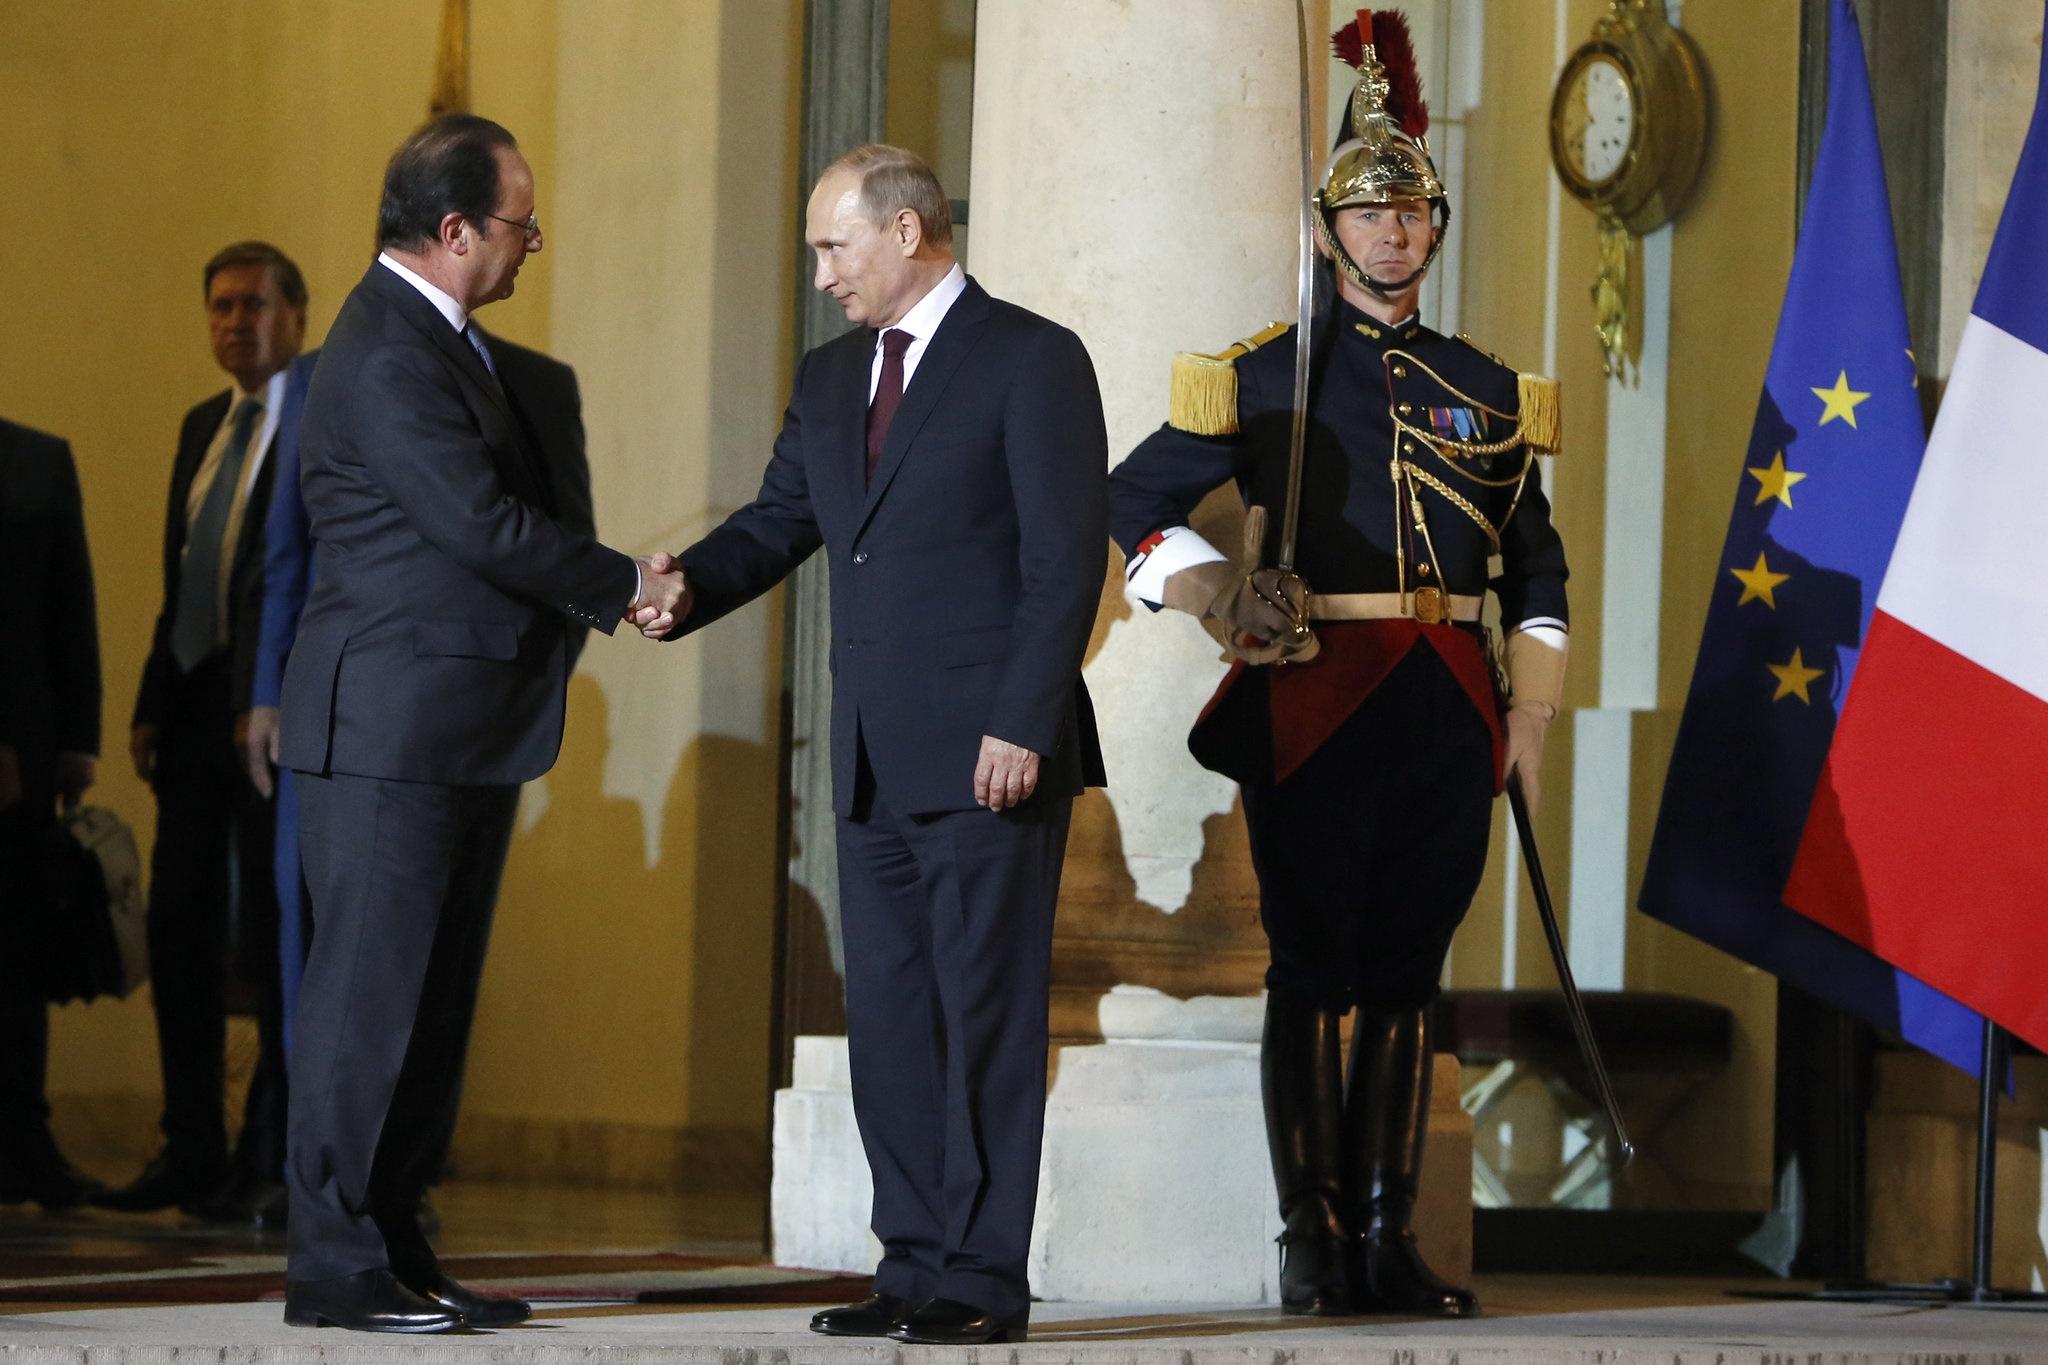 فرانسوا اولاند,باراک اوباما,ولادیمیر پوتین